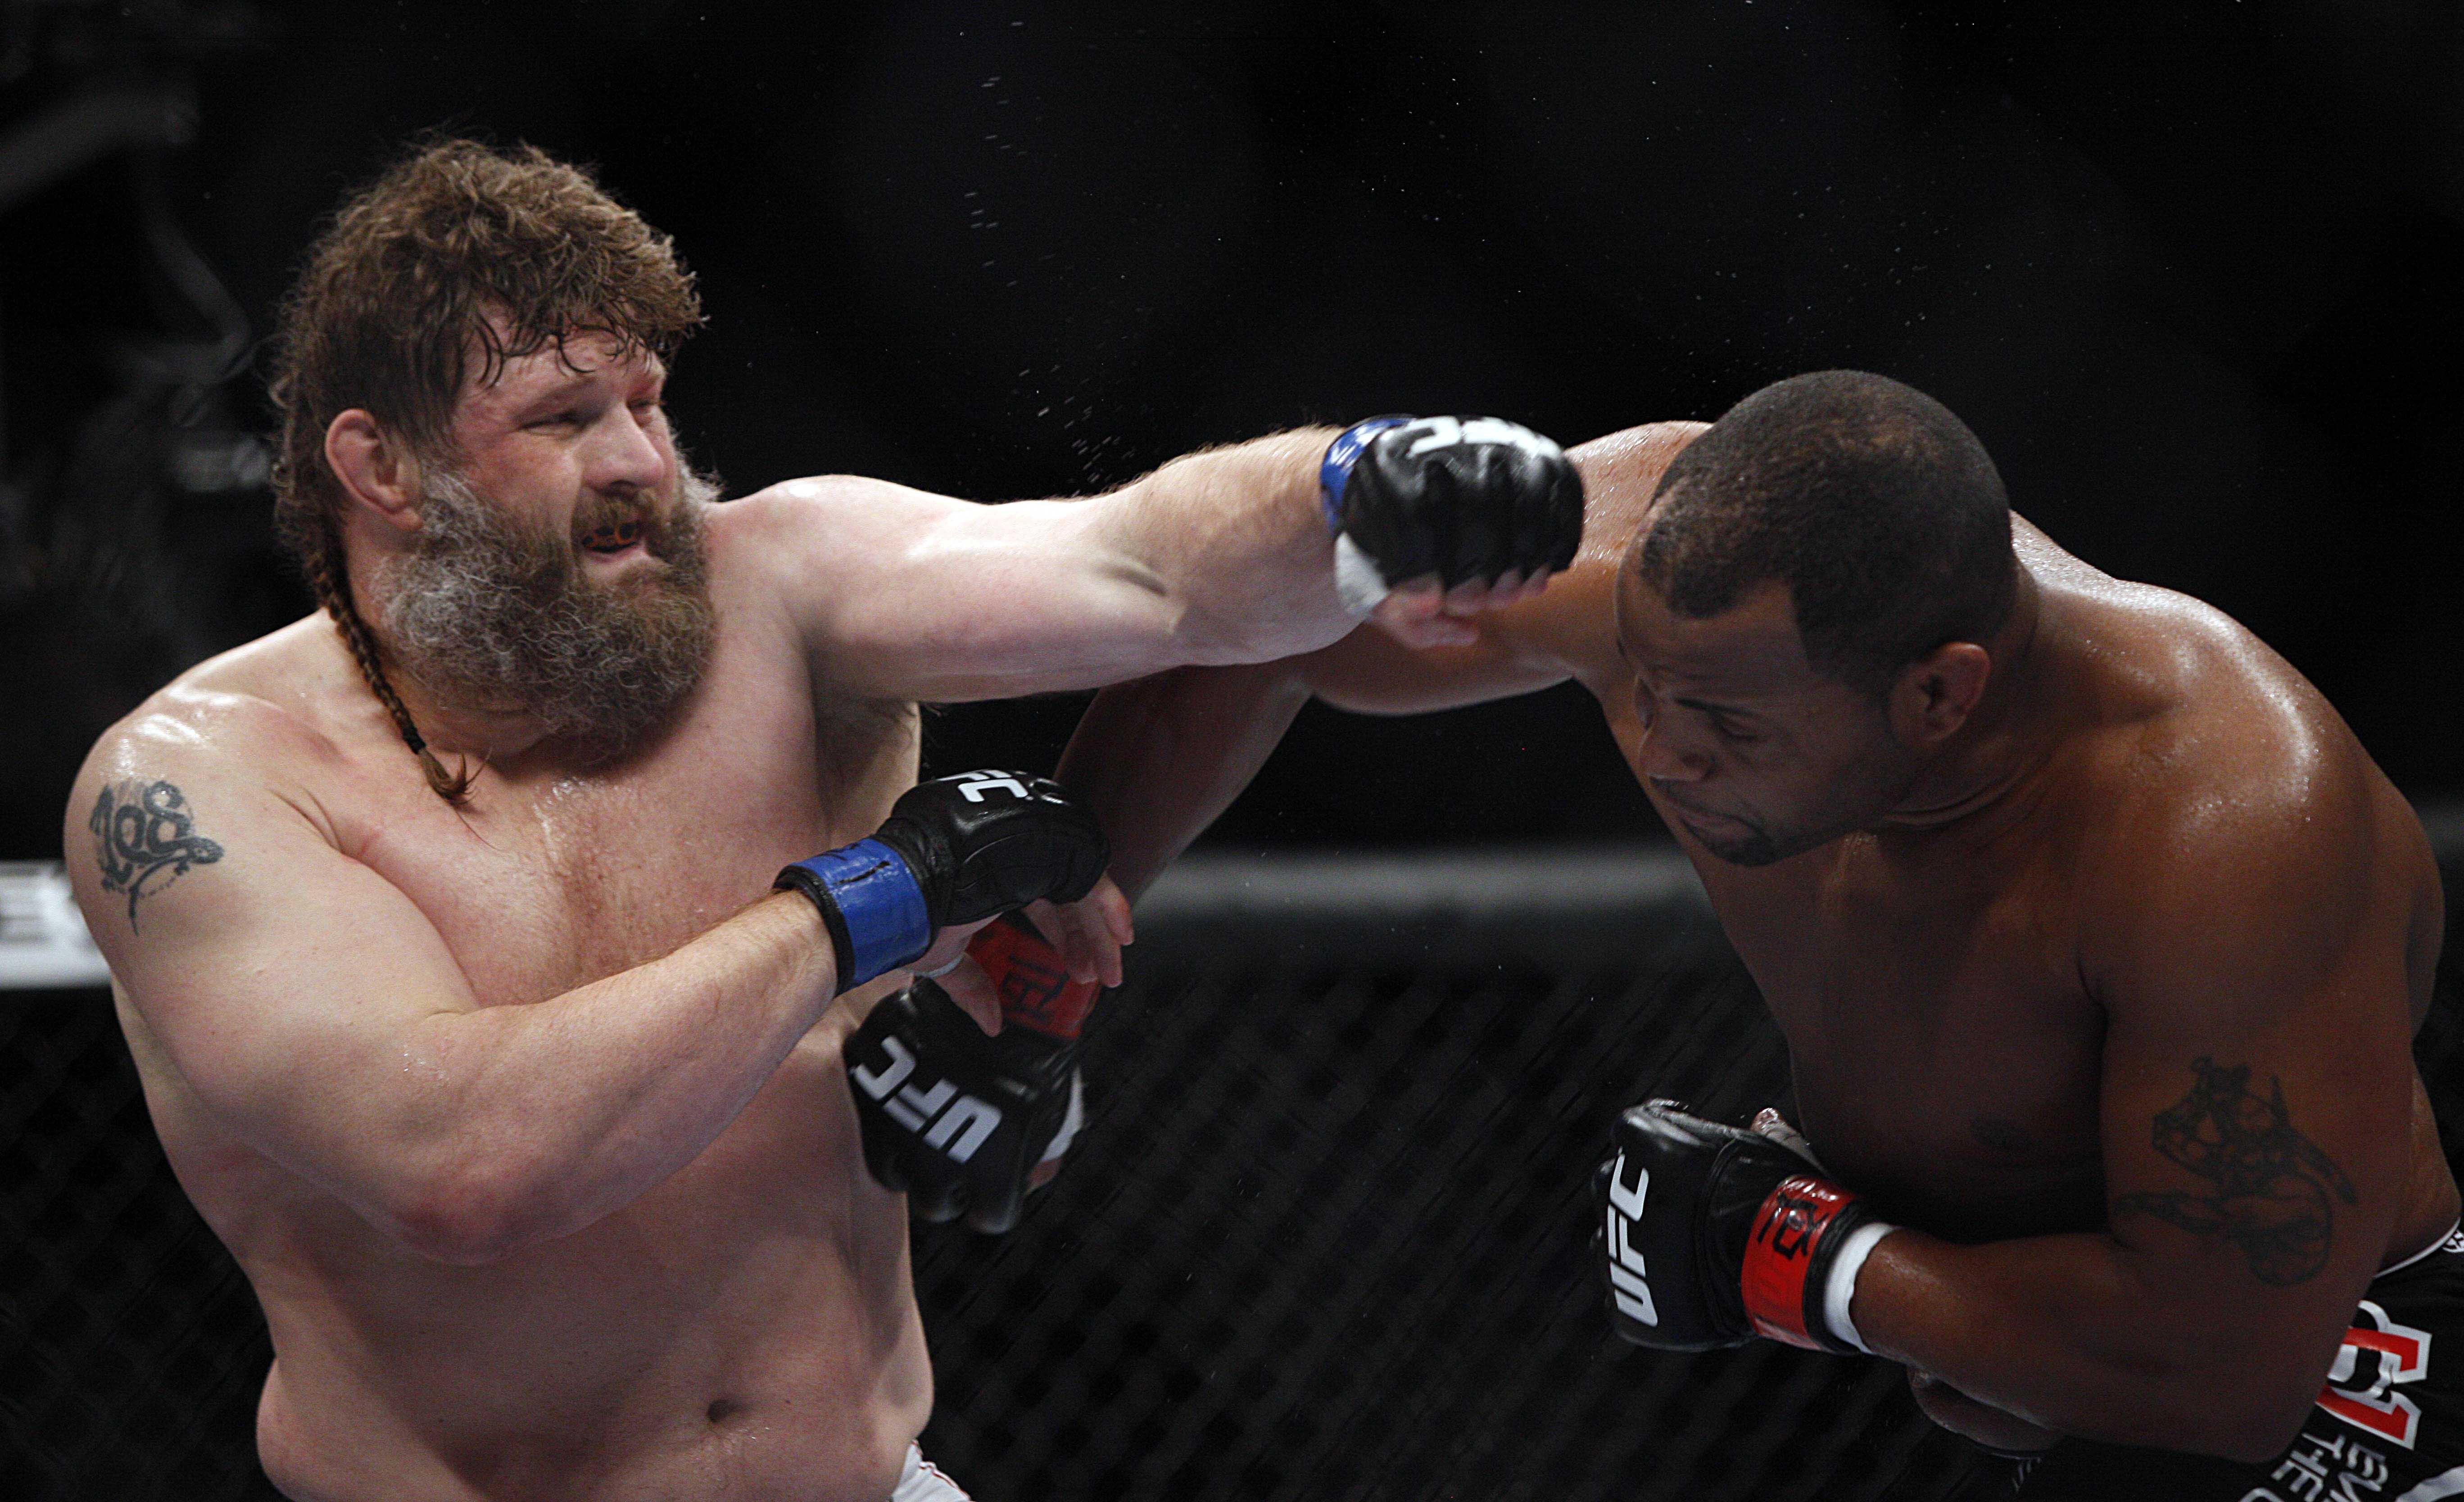 UFC Fight Night 39 - Nogueira vs. Nelson - sherdog.com